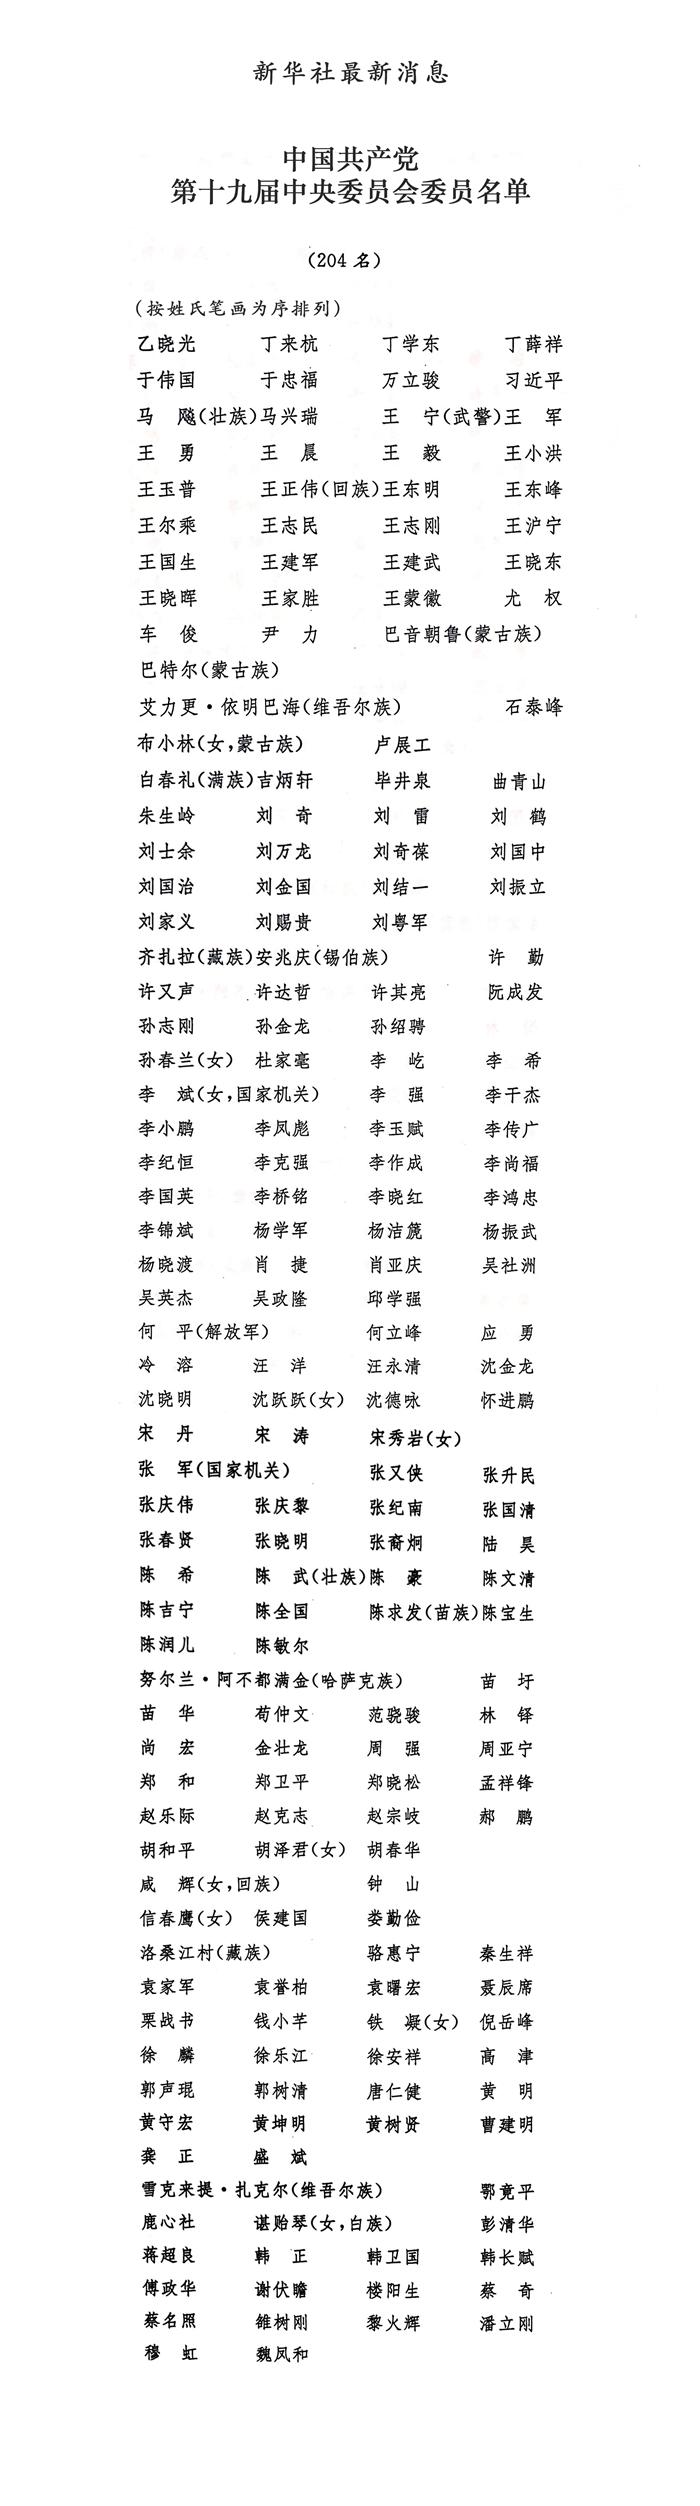 張曉明鄭曉松等任委員